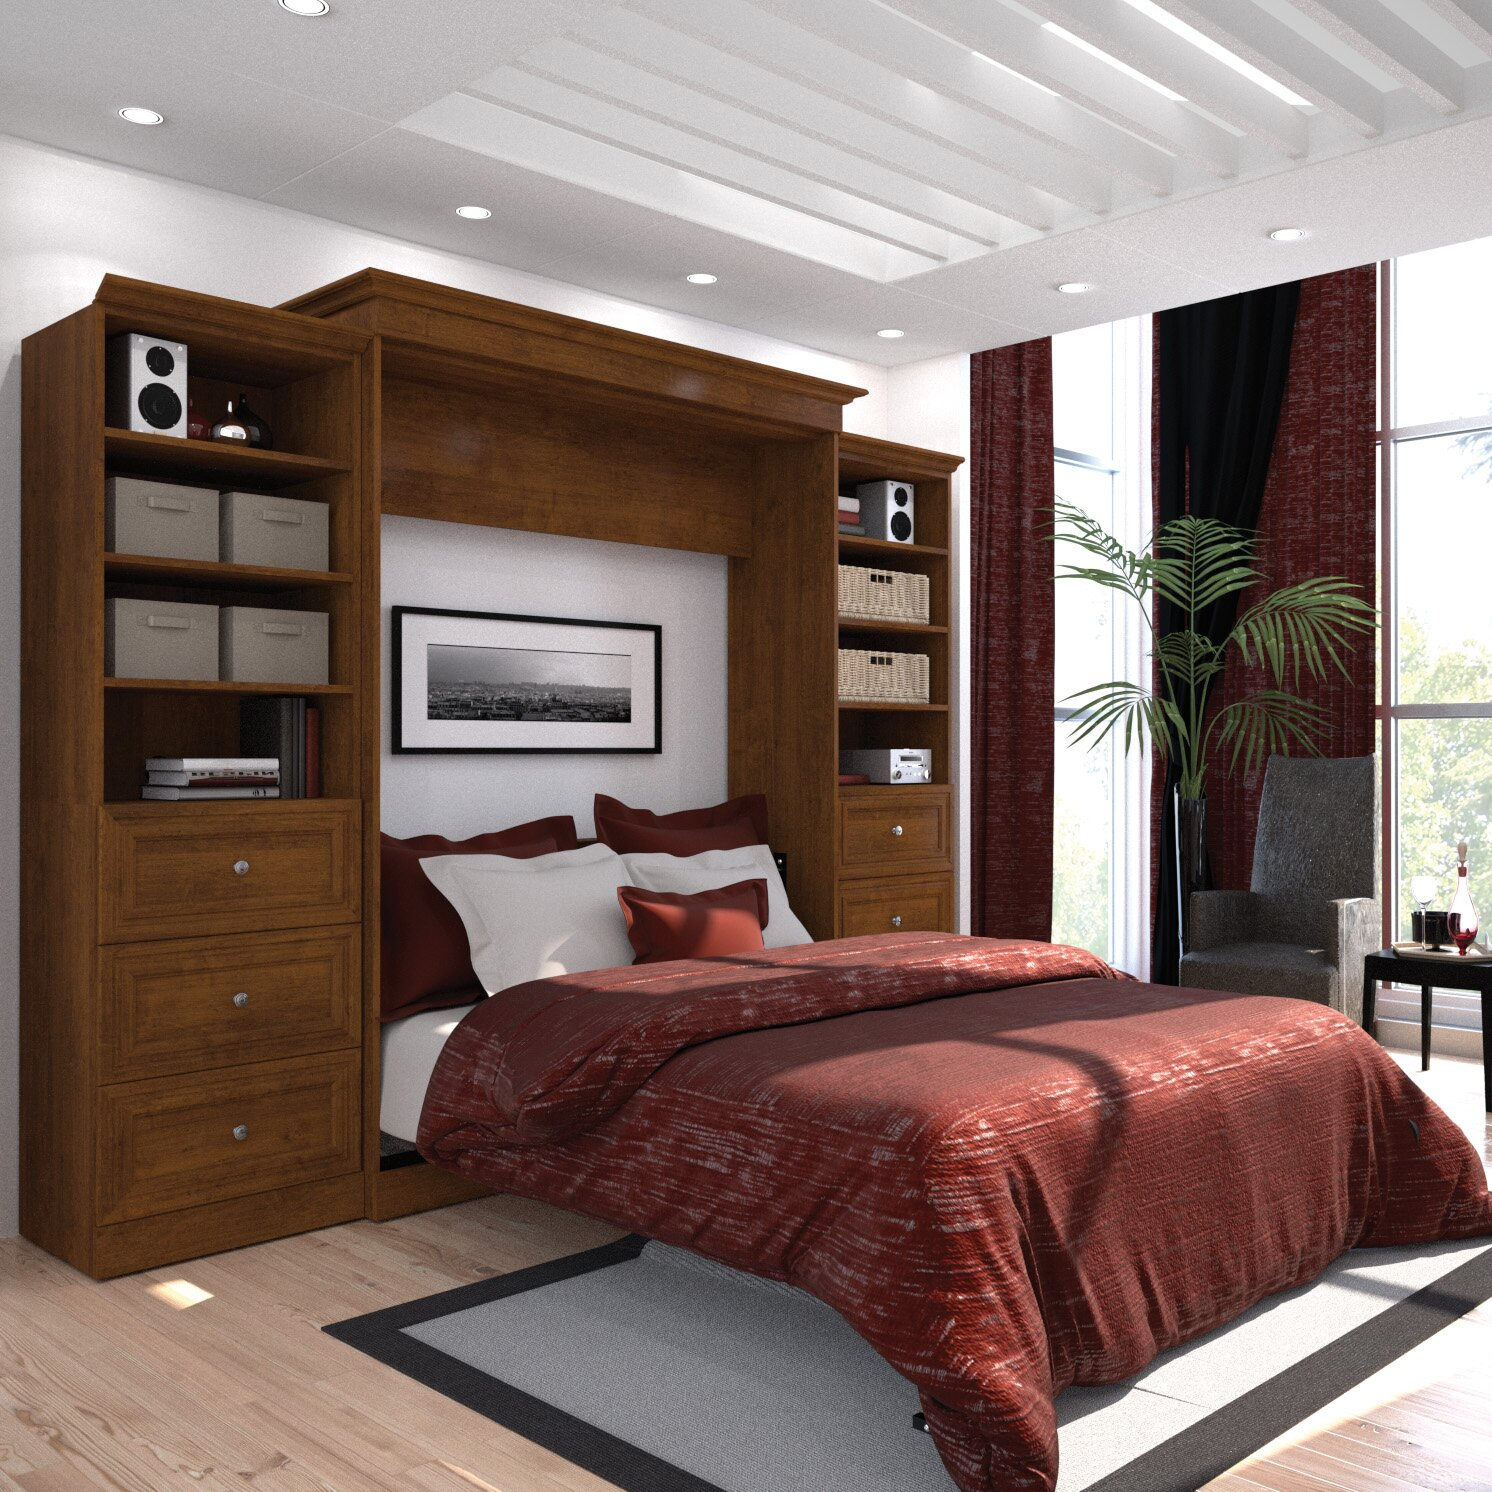 Costco Furniture Bed: Bestar Versatile Queen Murphy Bed & Reviews